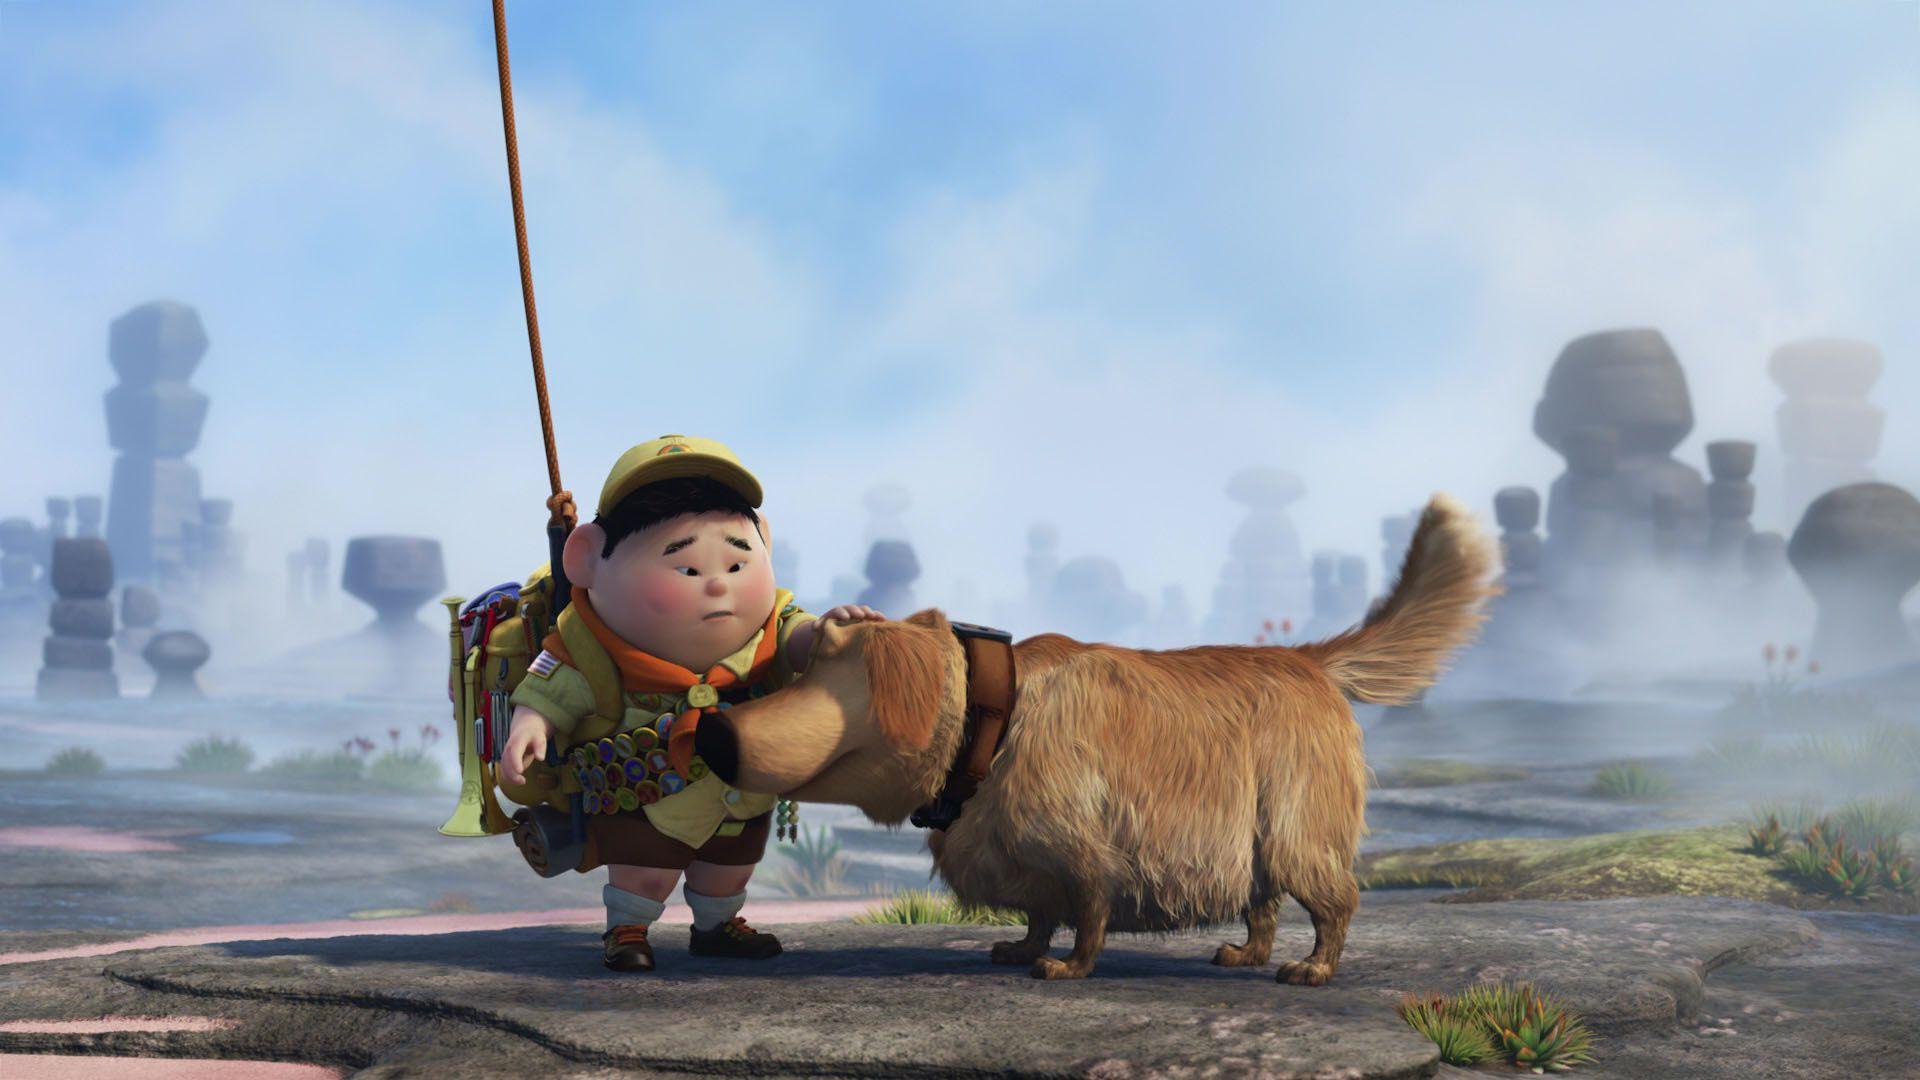 Up disney pixar ¤ non solo kawaii